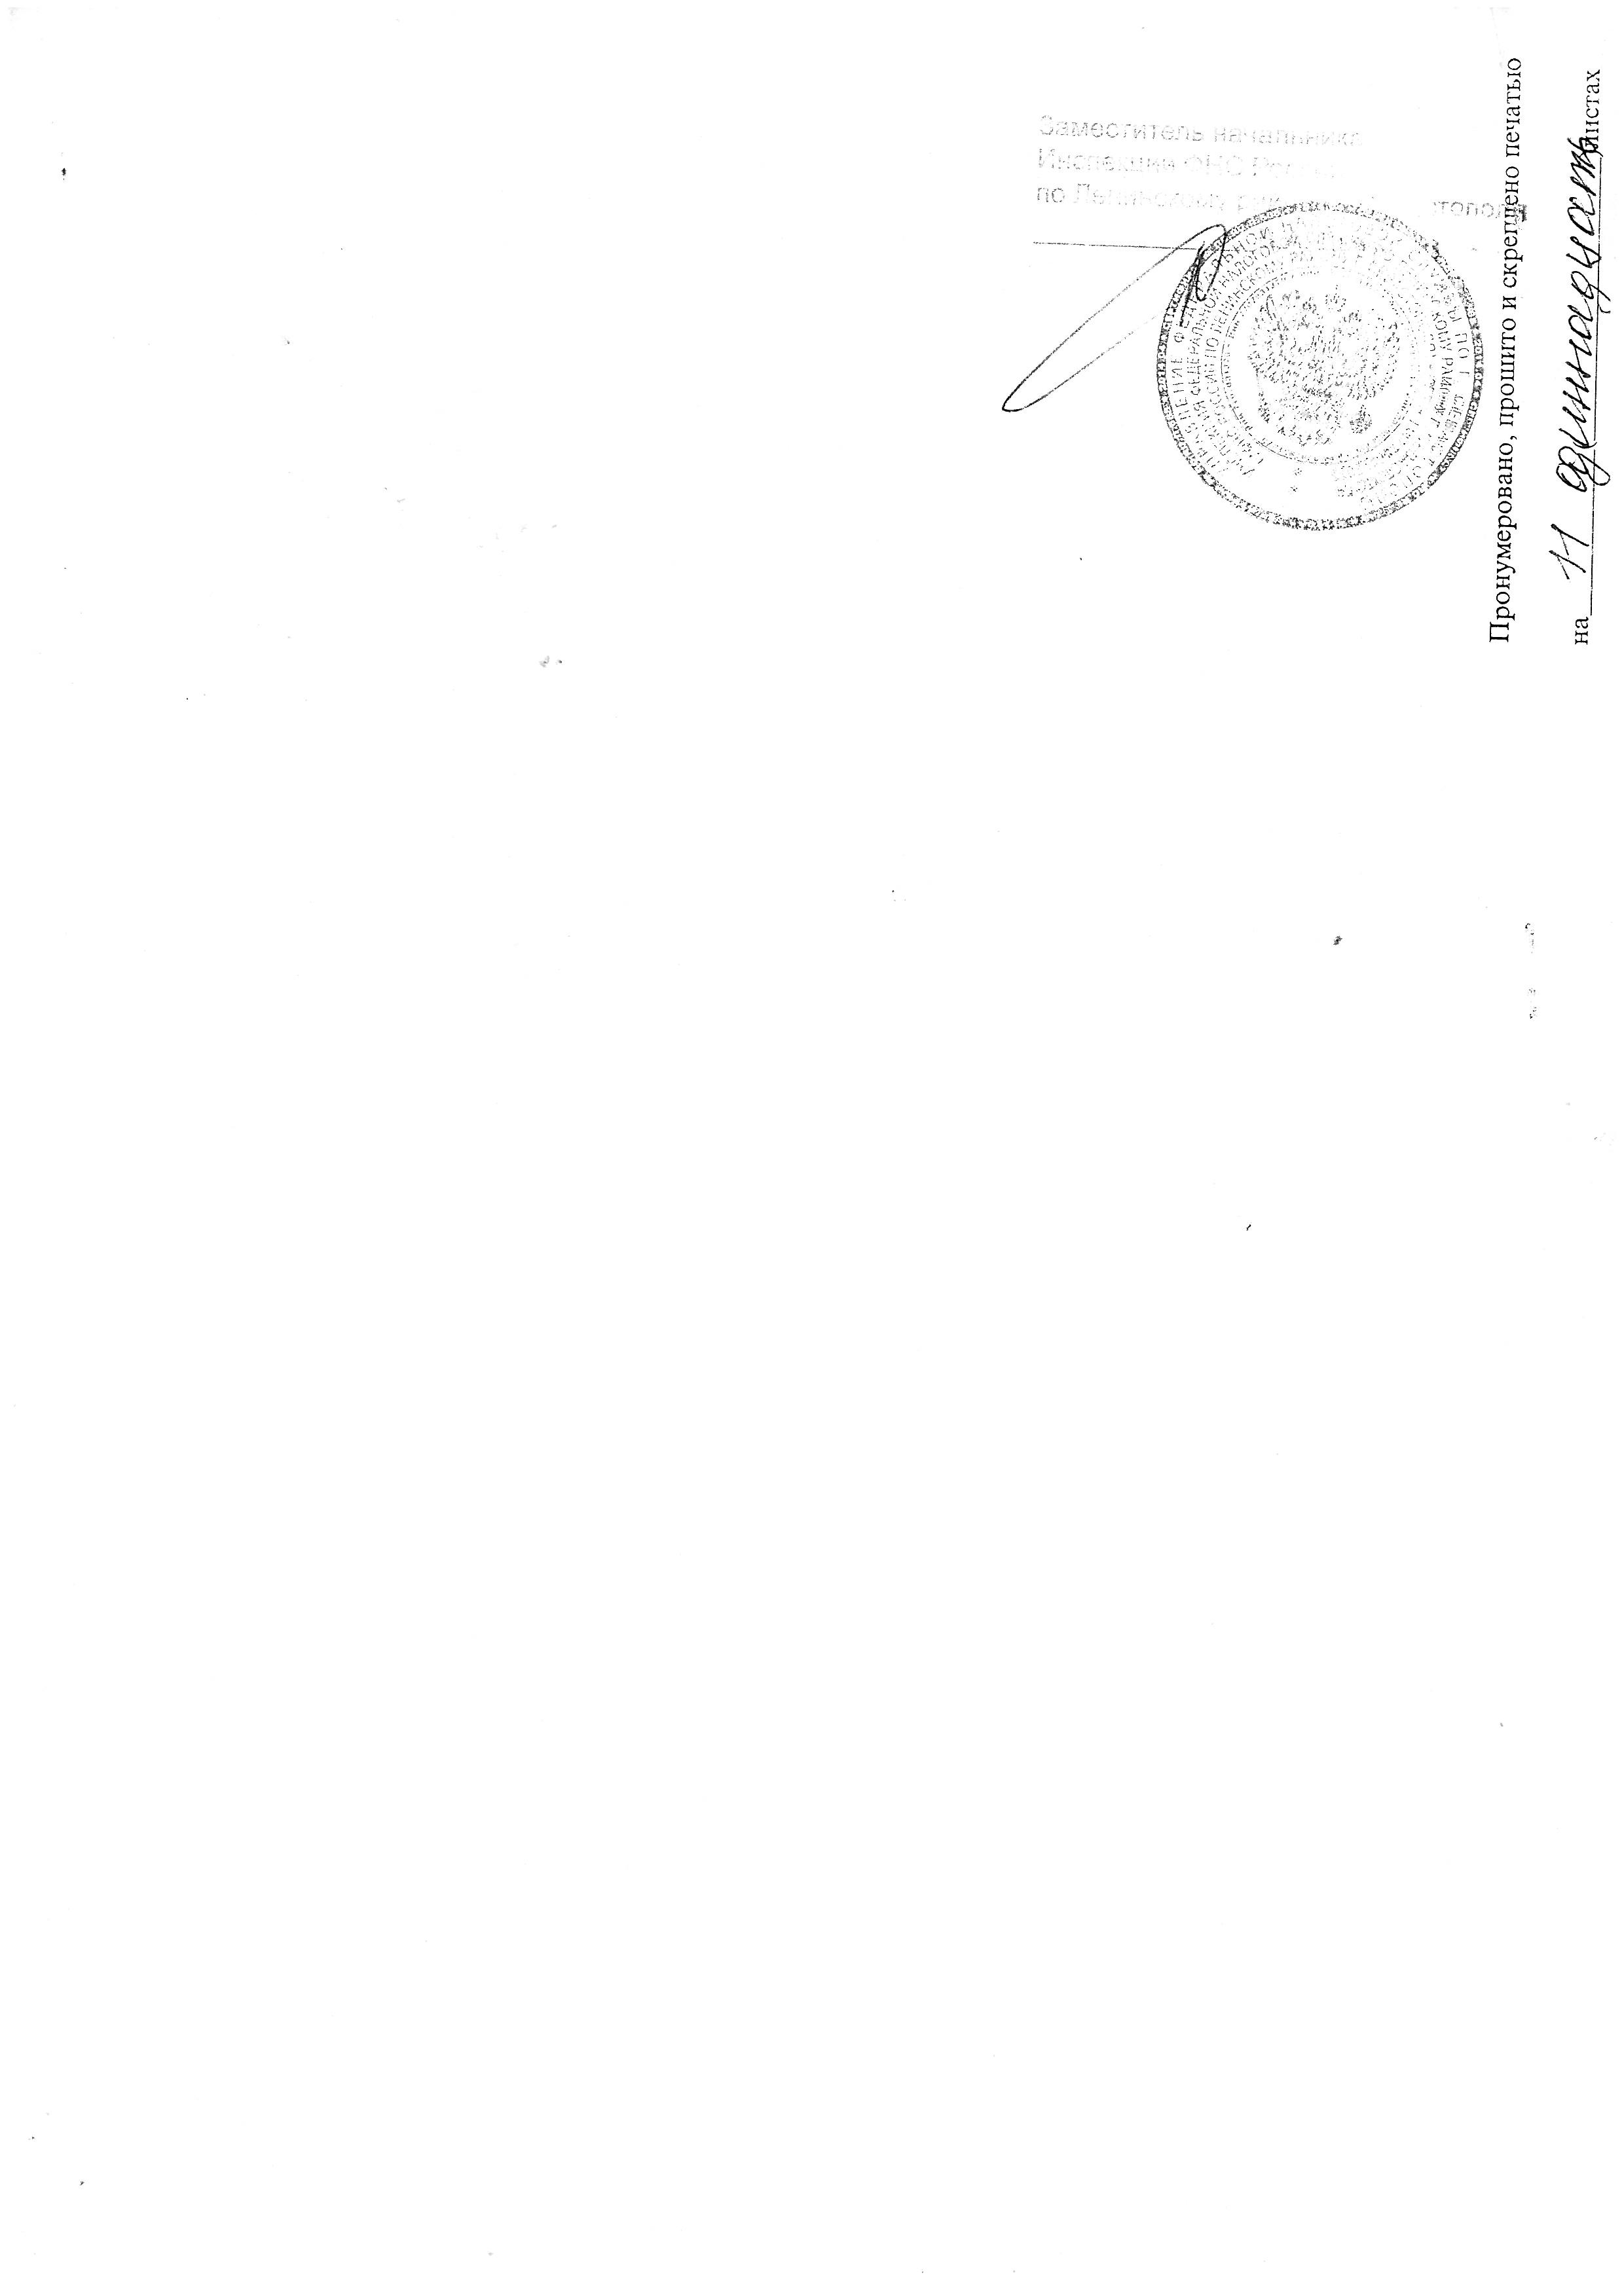 Образец Устава Тсн для Садоводов - картинка 4